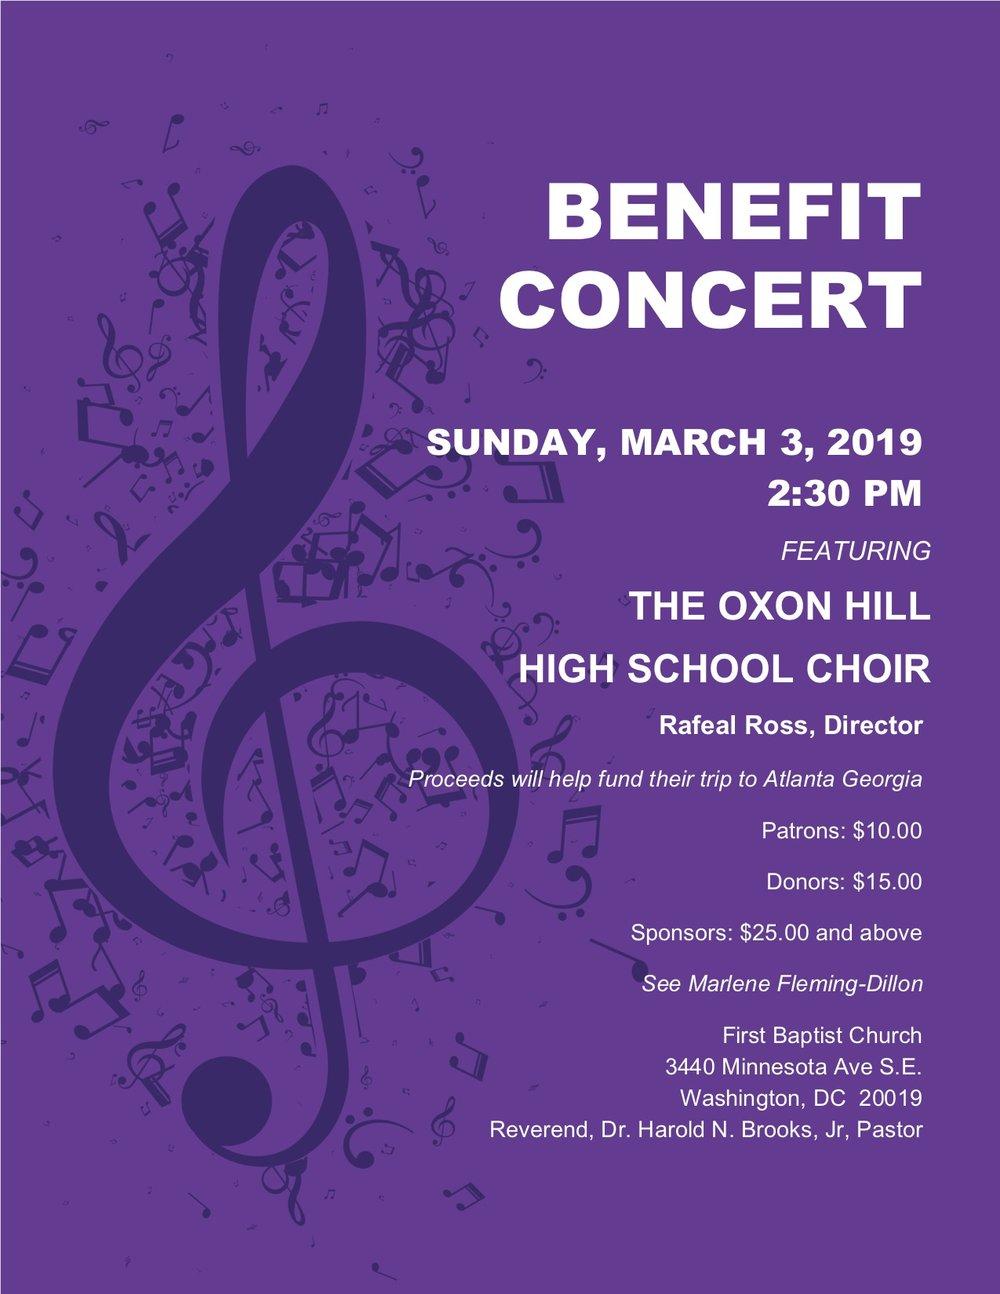 Benefit Concert Flyer.jpg